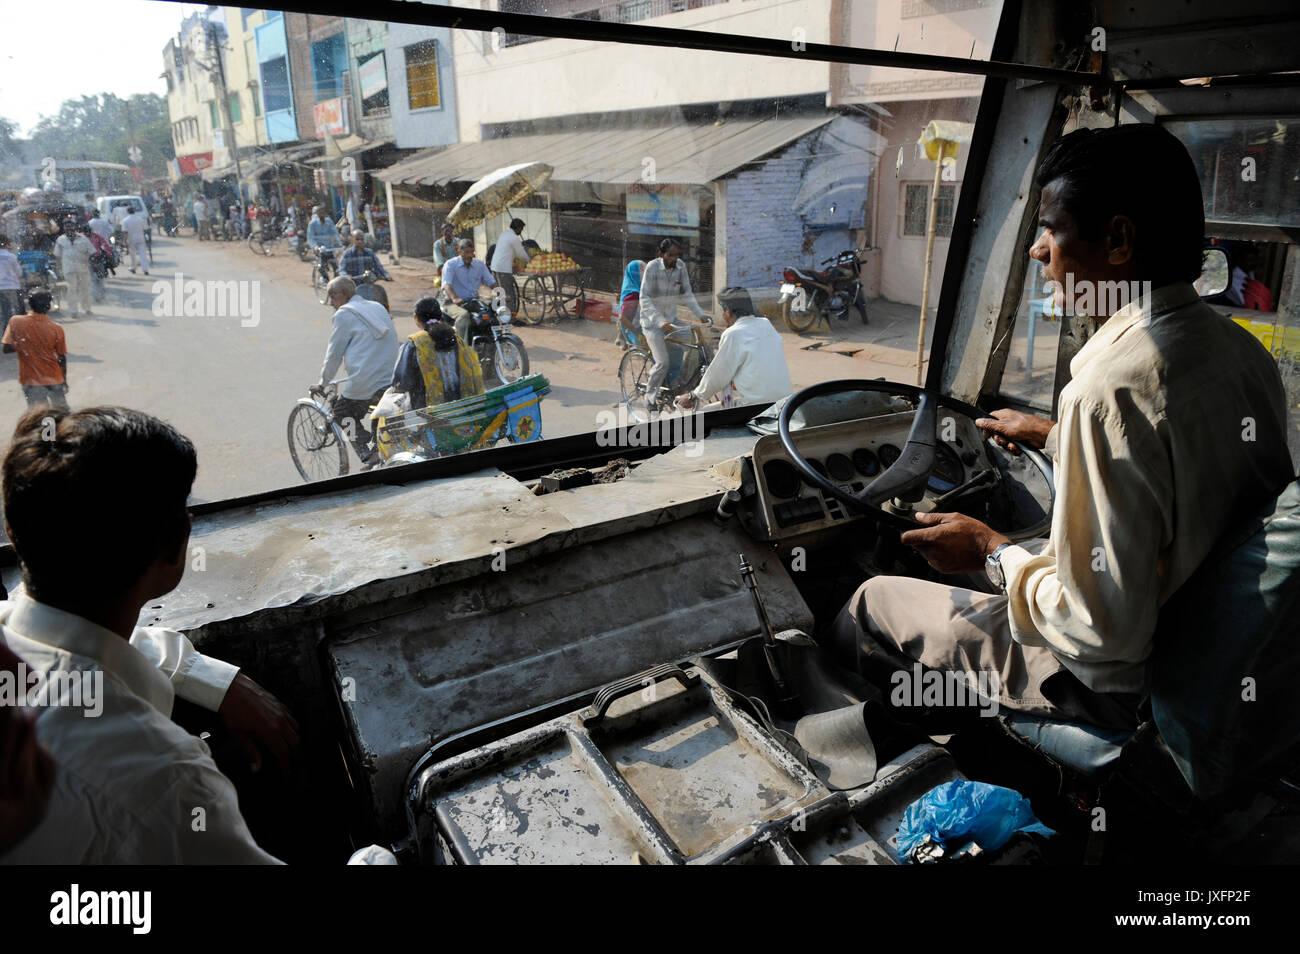 Indien U.P. Bundelkhand, Mahoba, Busfahrer in alten Bus am Arbeitsplatz/INDIEN Mahoba, Busfahrer in einem alten Stockfoto